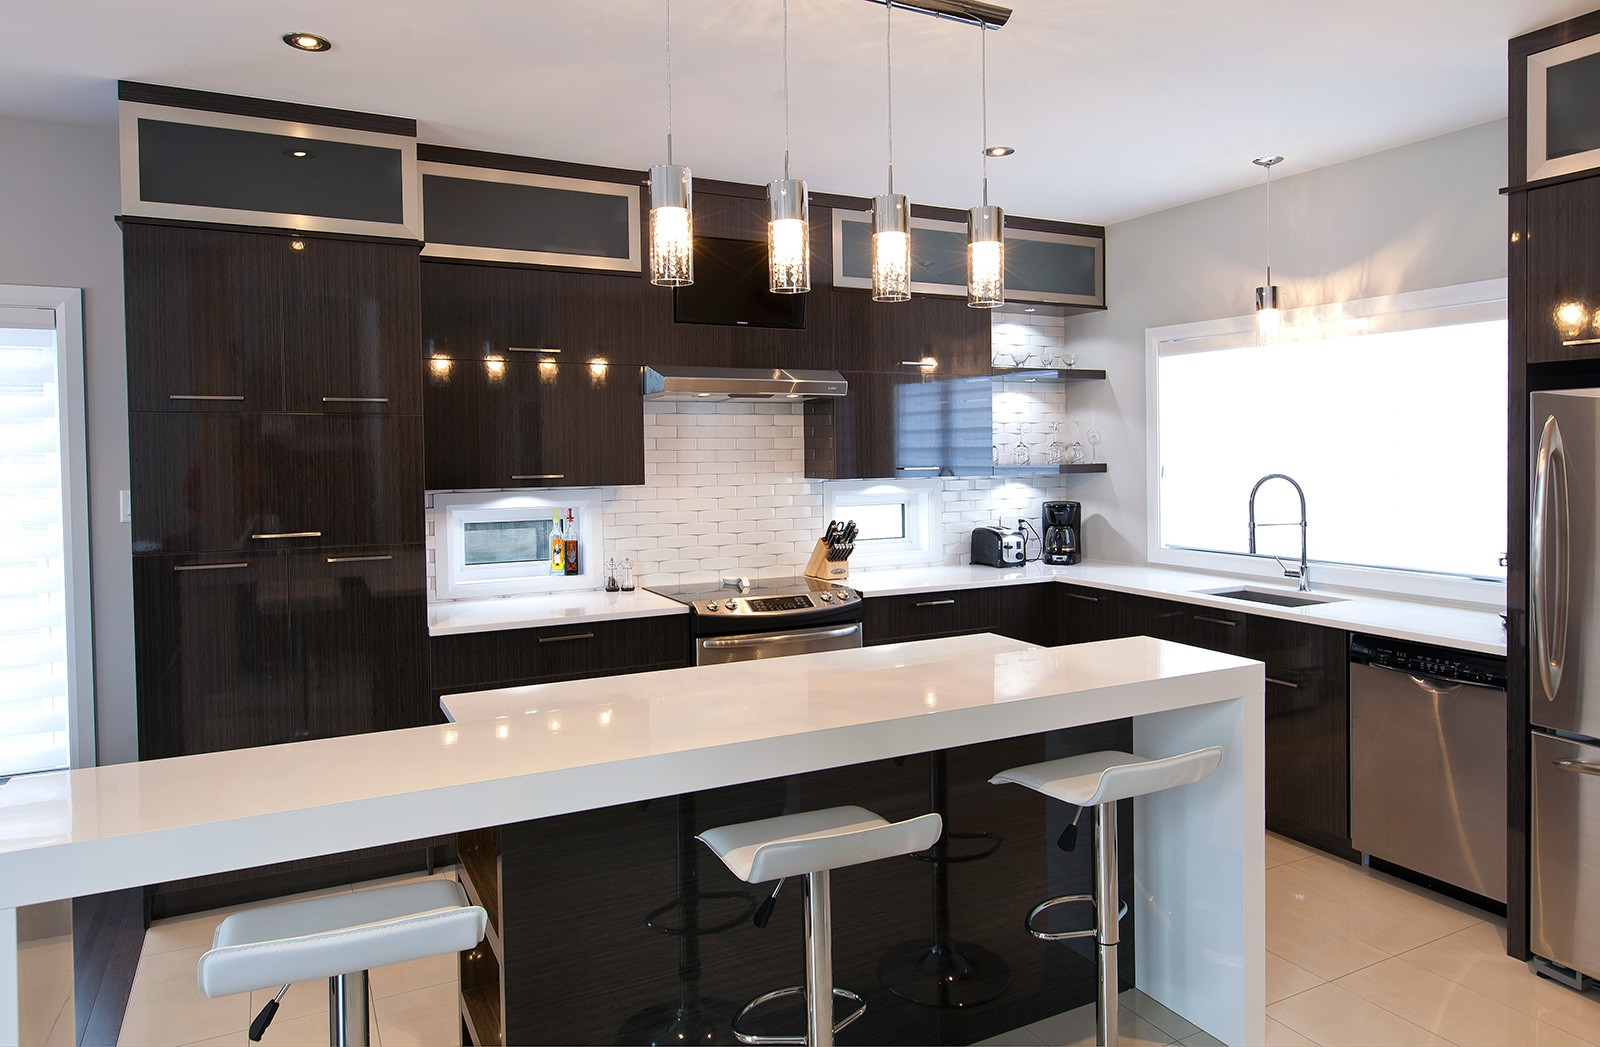 M6 deco cuisine noire cuisine id es de d coration de for S cuisine deco